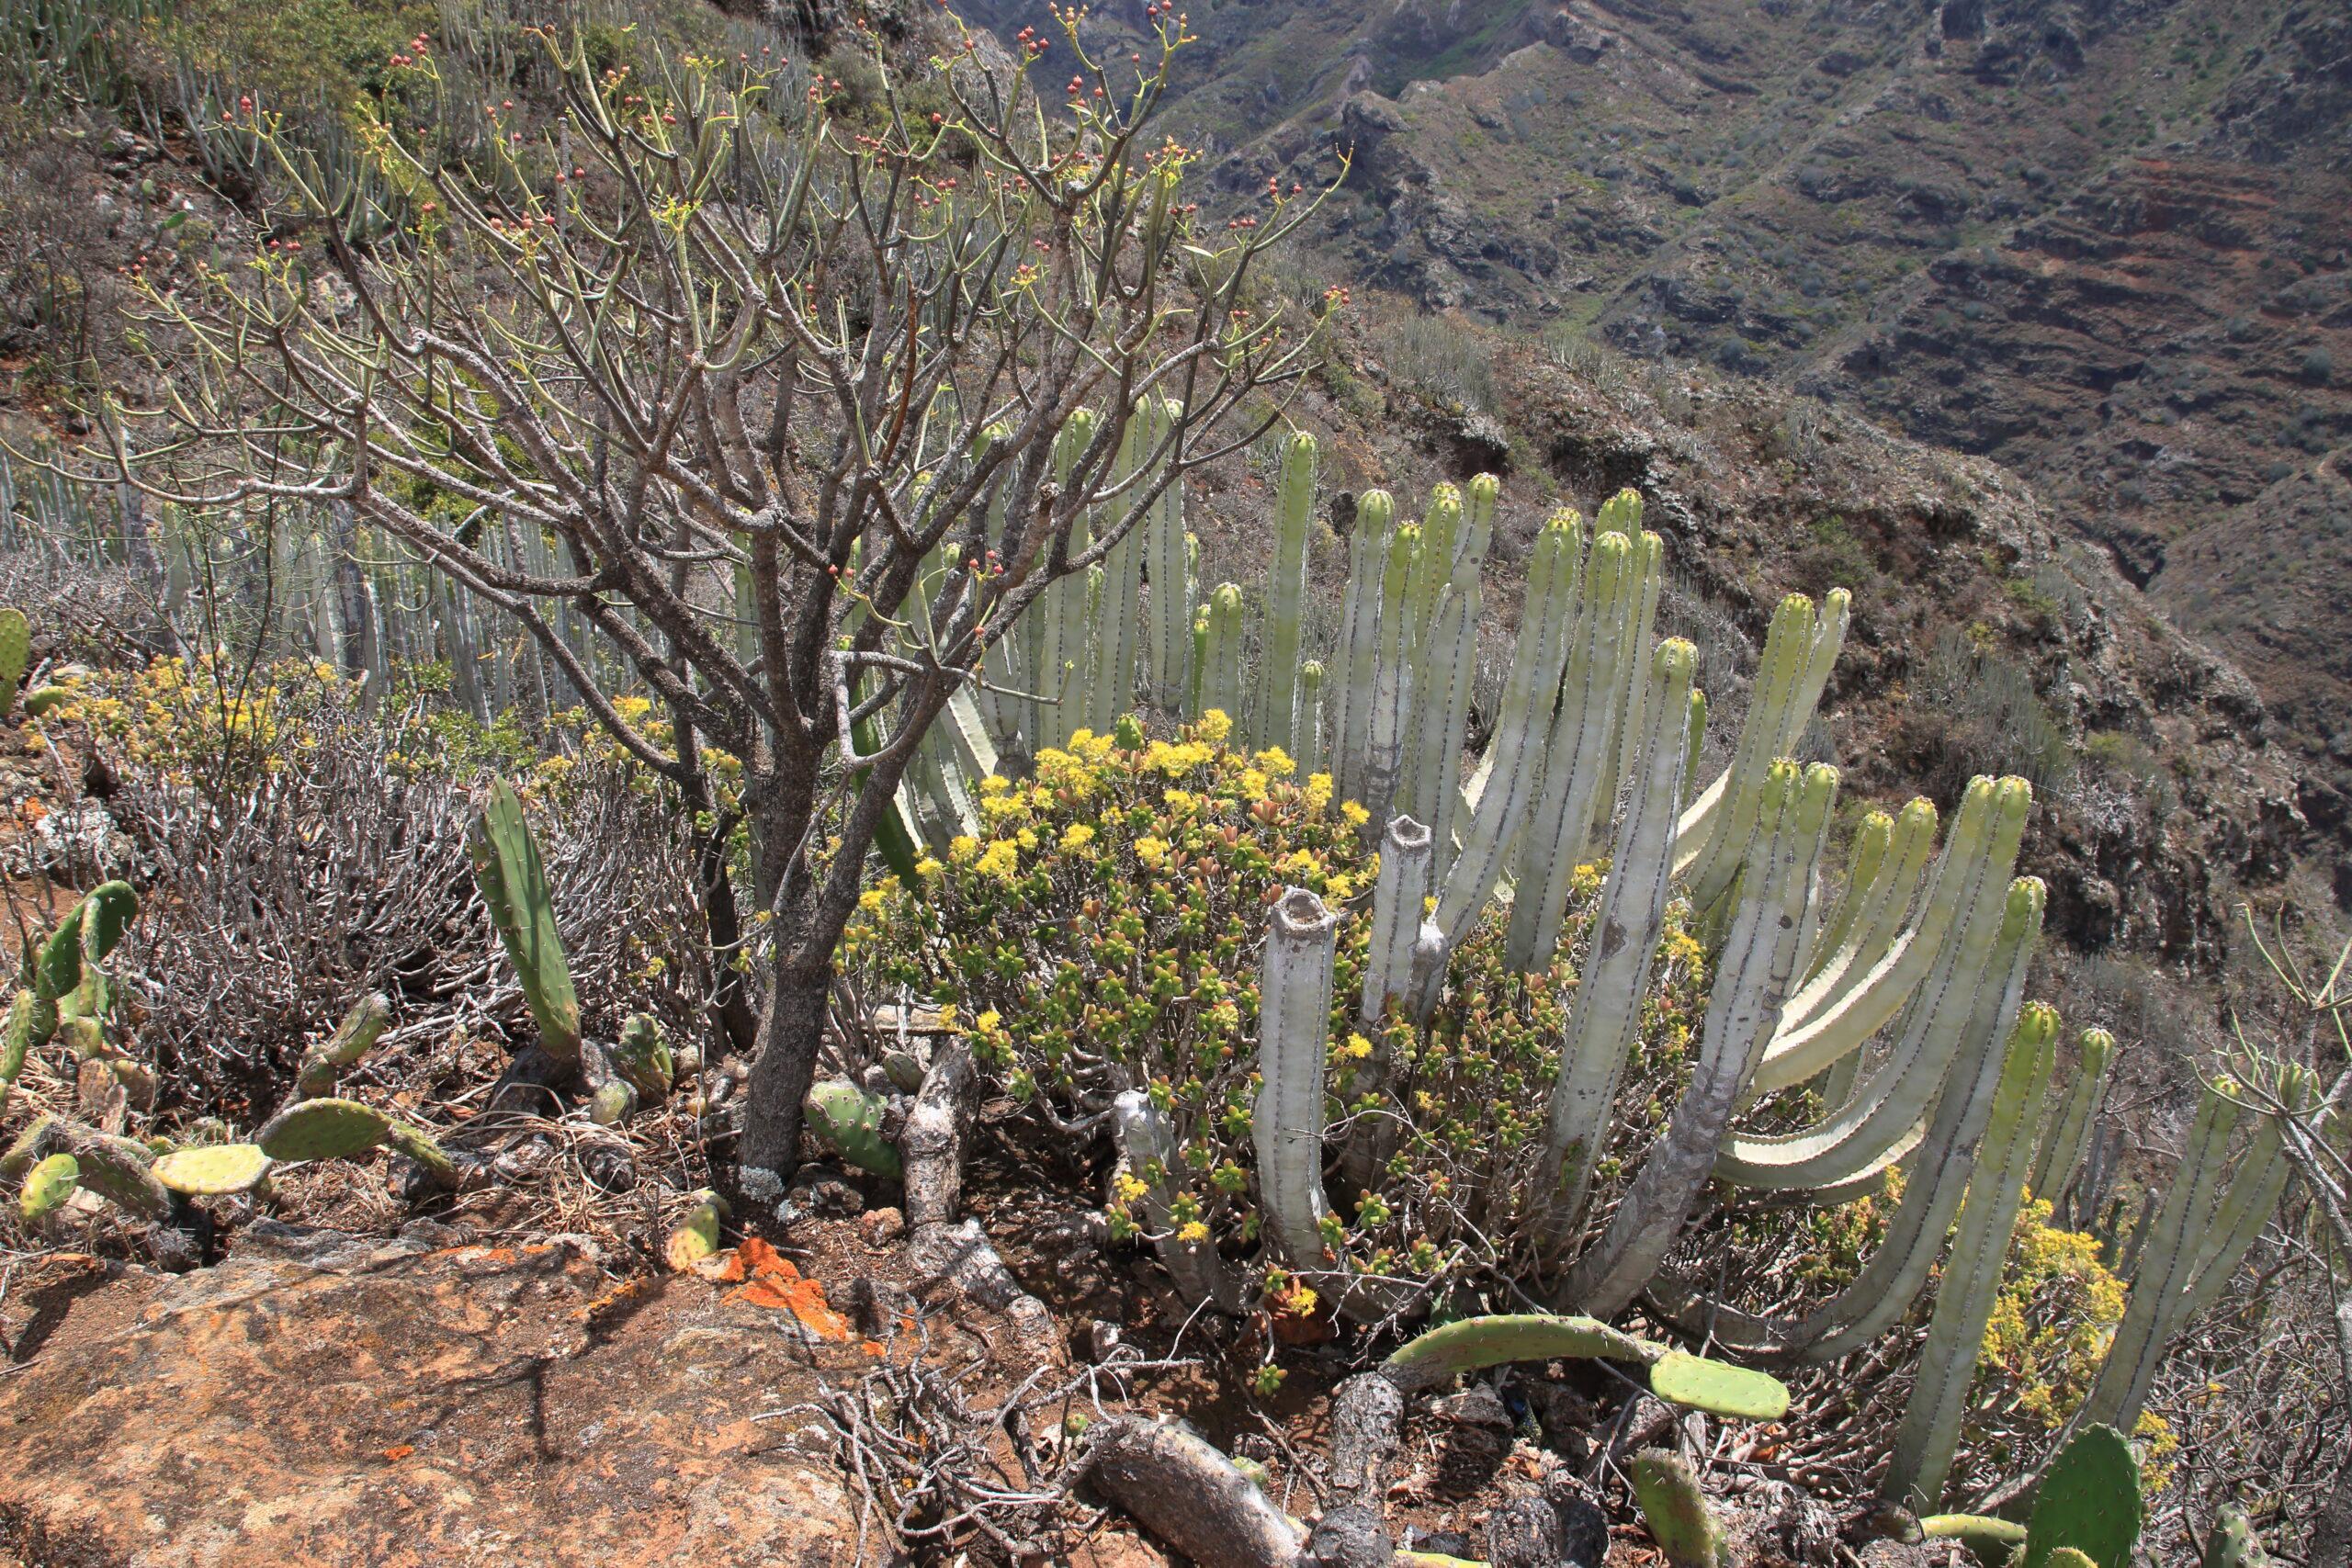 img_0425-habitat-vegetacion-de-cardonal-tabaibal-scaled.jpg